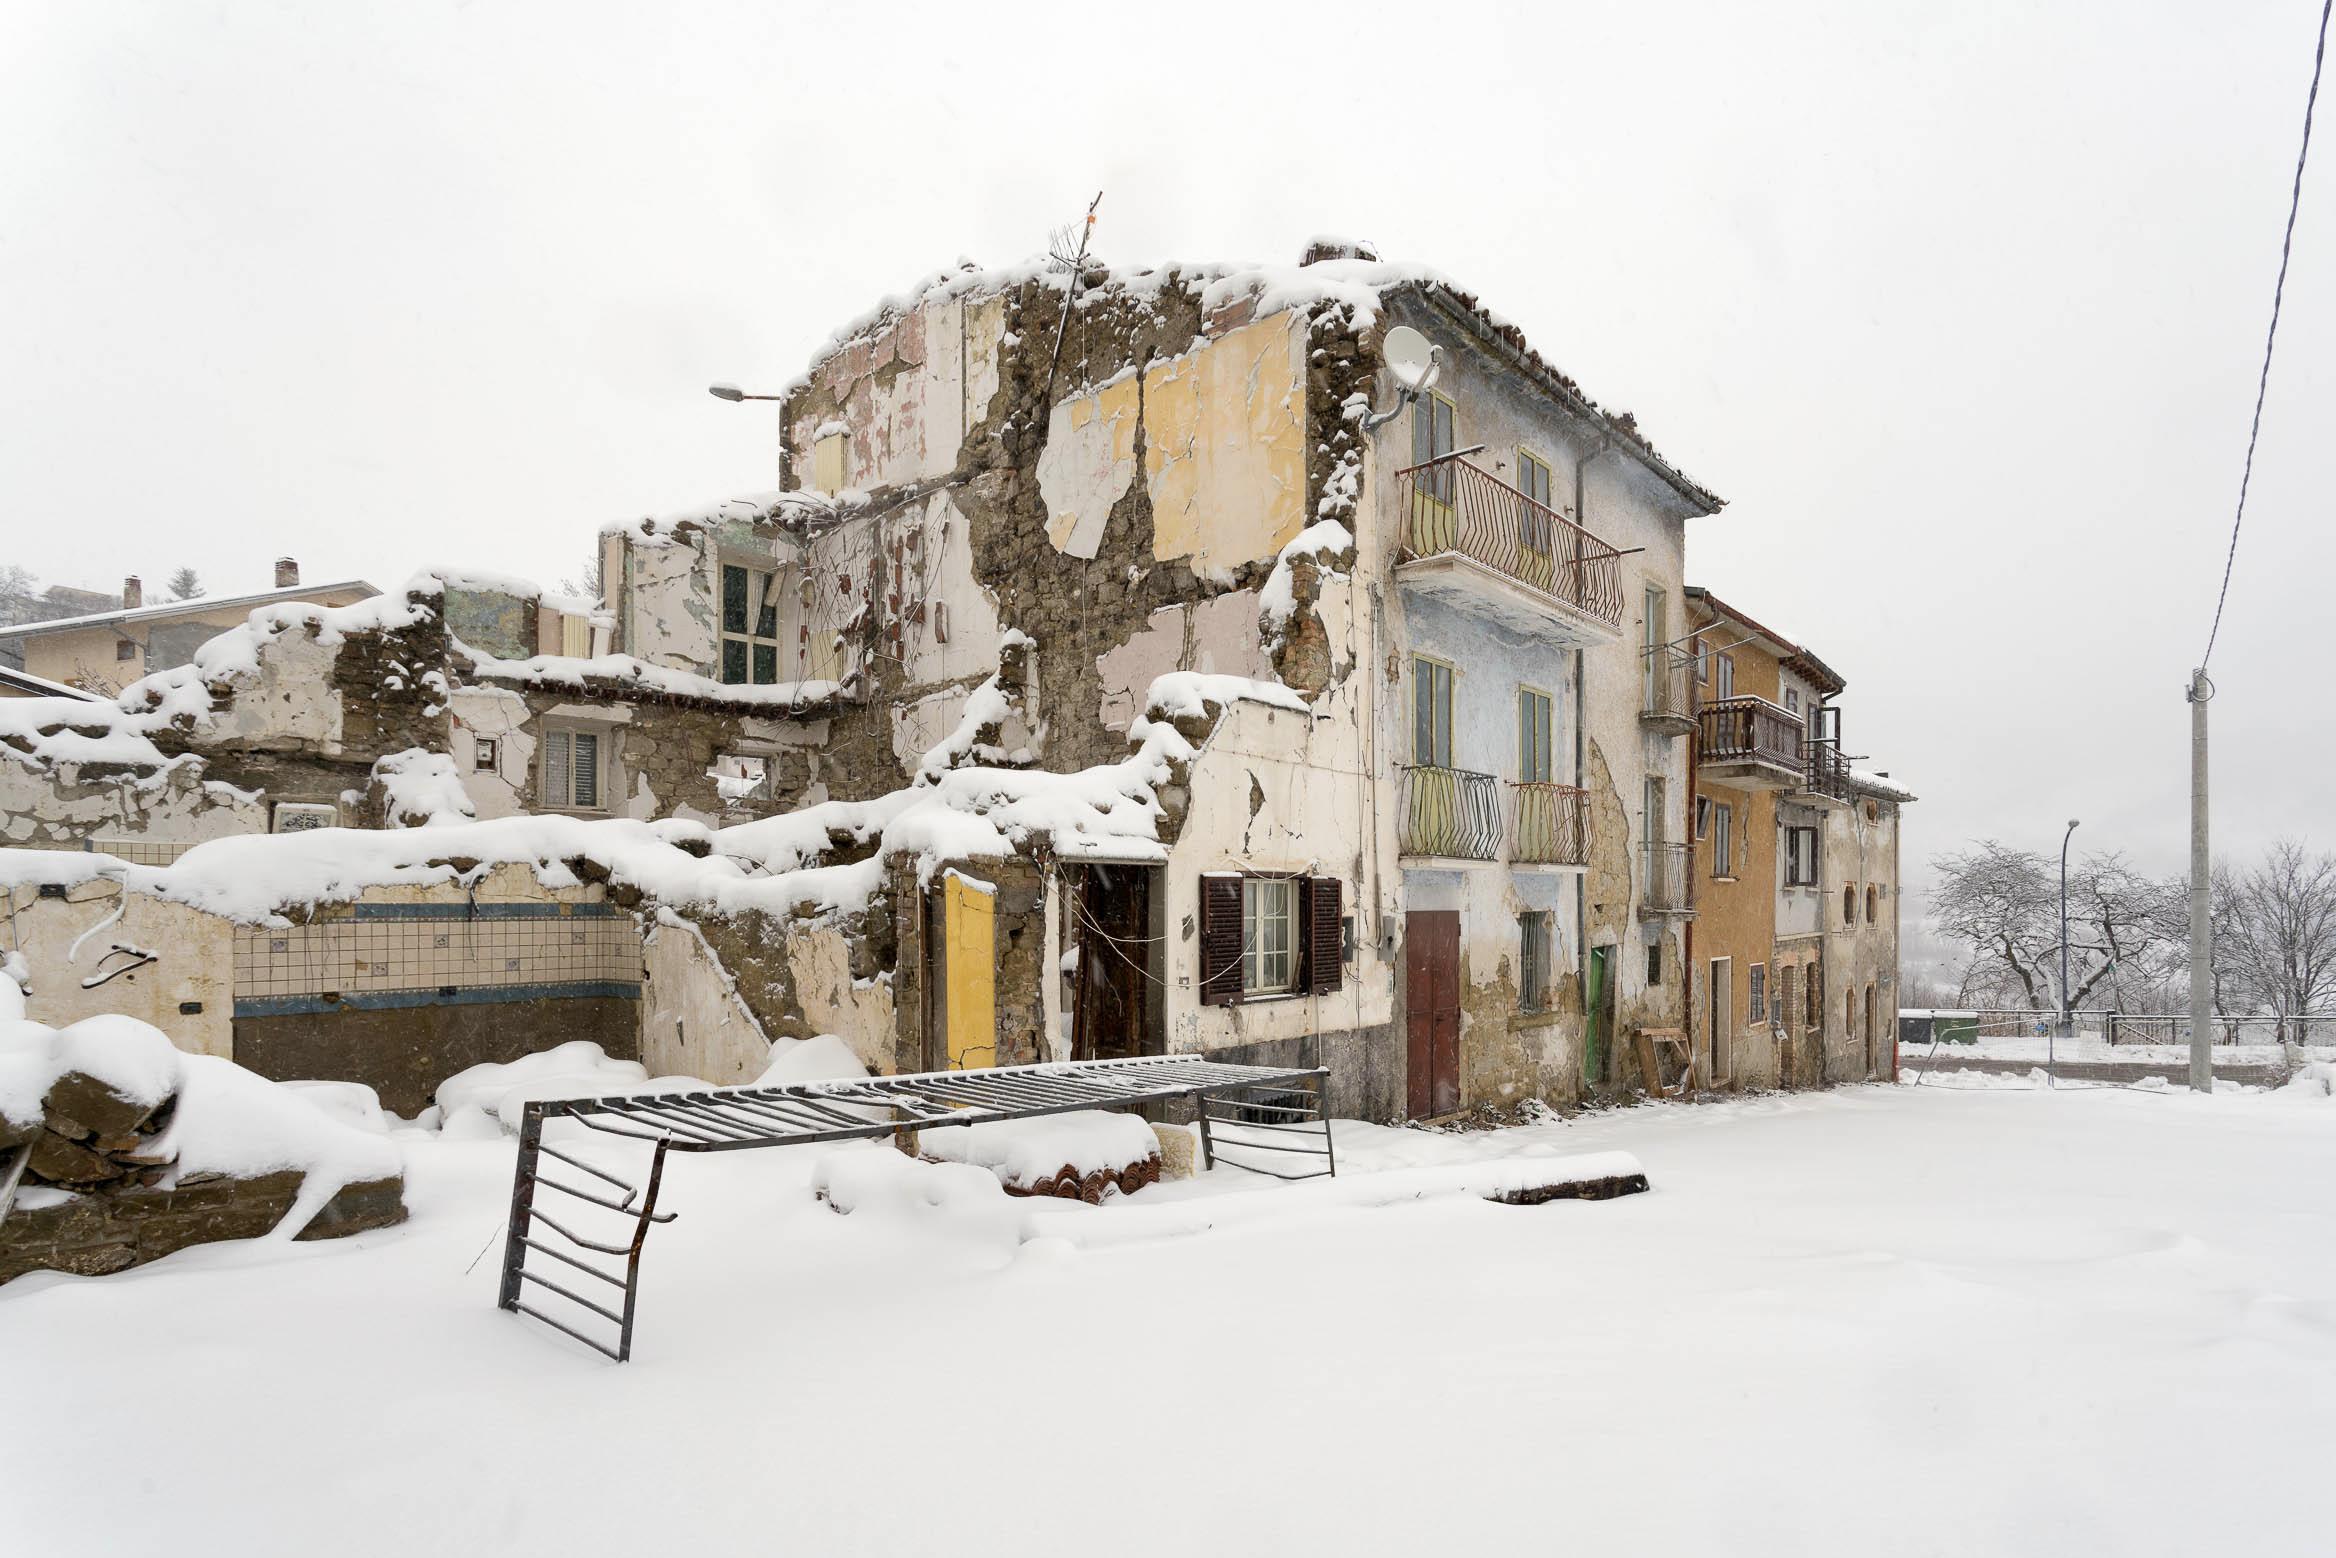 Il 18 gennaio 2017 Capitignano (AQ) è epicentro di un violento terremoto passato alla cronaca come Sisma di Rigopiano, con la morte di 29 persone. Il paese di Campotosto risultò il più colpito dai danni. La neve fu una delle più grandi complicazioni, che con accumuli superiori al metro rese difficili i soccorsi e impedì a molti di abbandonare le case.  Ho documentato a partire dal 2018 la situazione nelle zone del doposisma in Abruzzo. Il lavoro è parte dell'osservatorio de  Lo Stato delle Cose | Geografie e storie del doposisma .